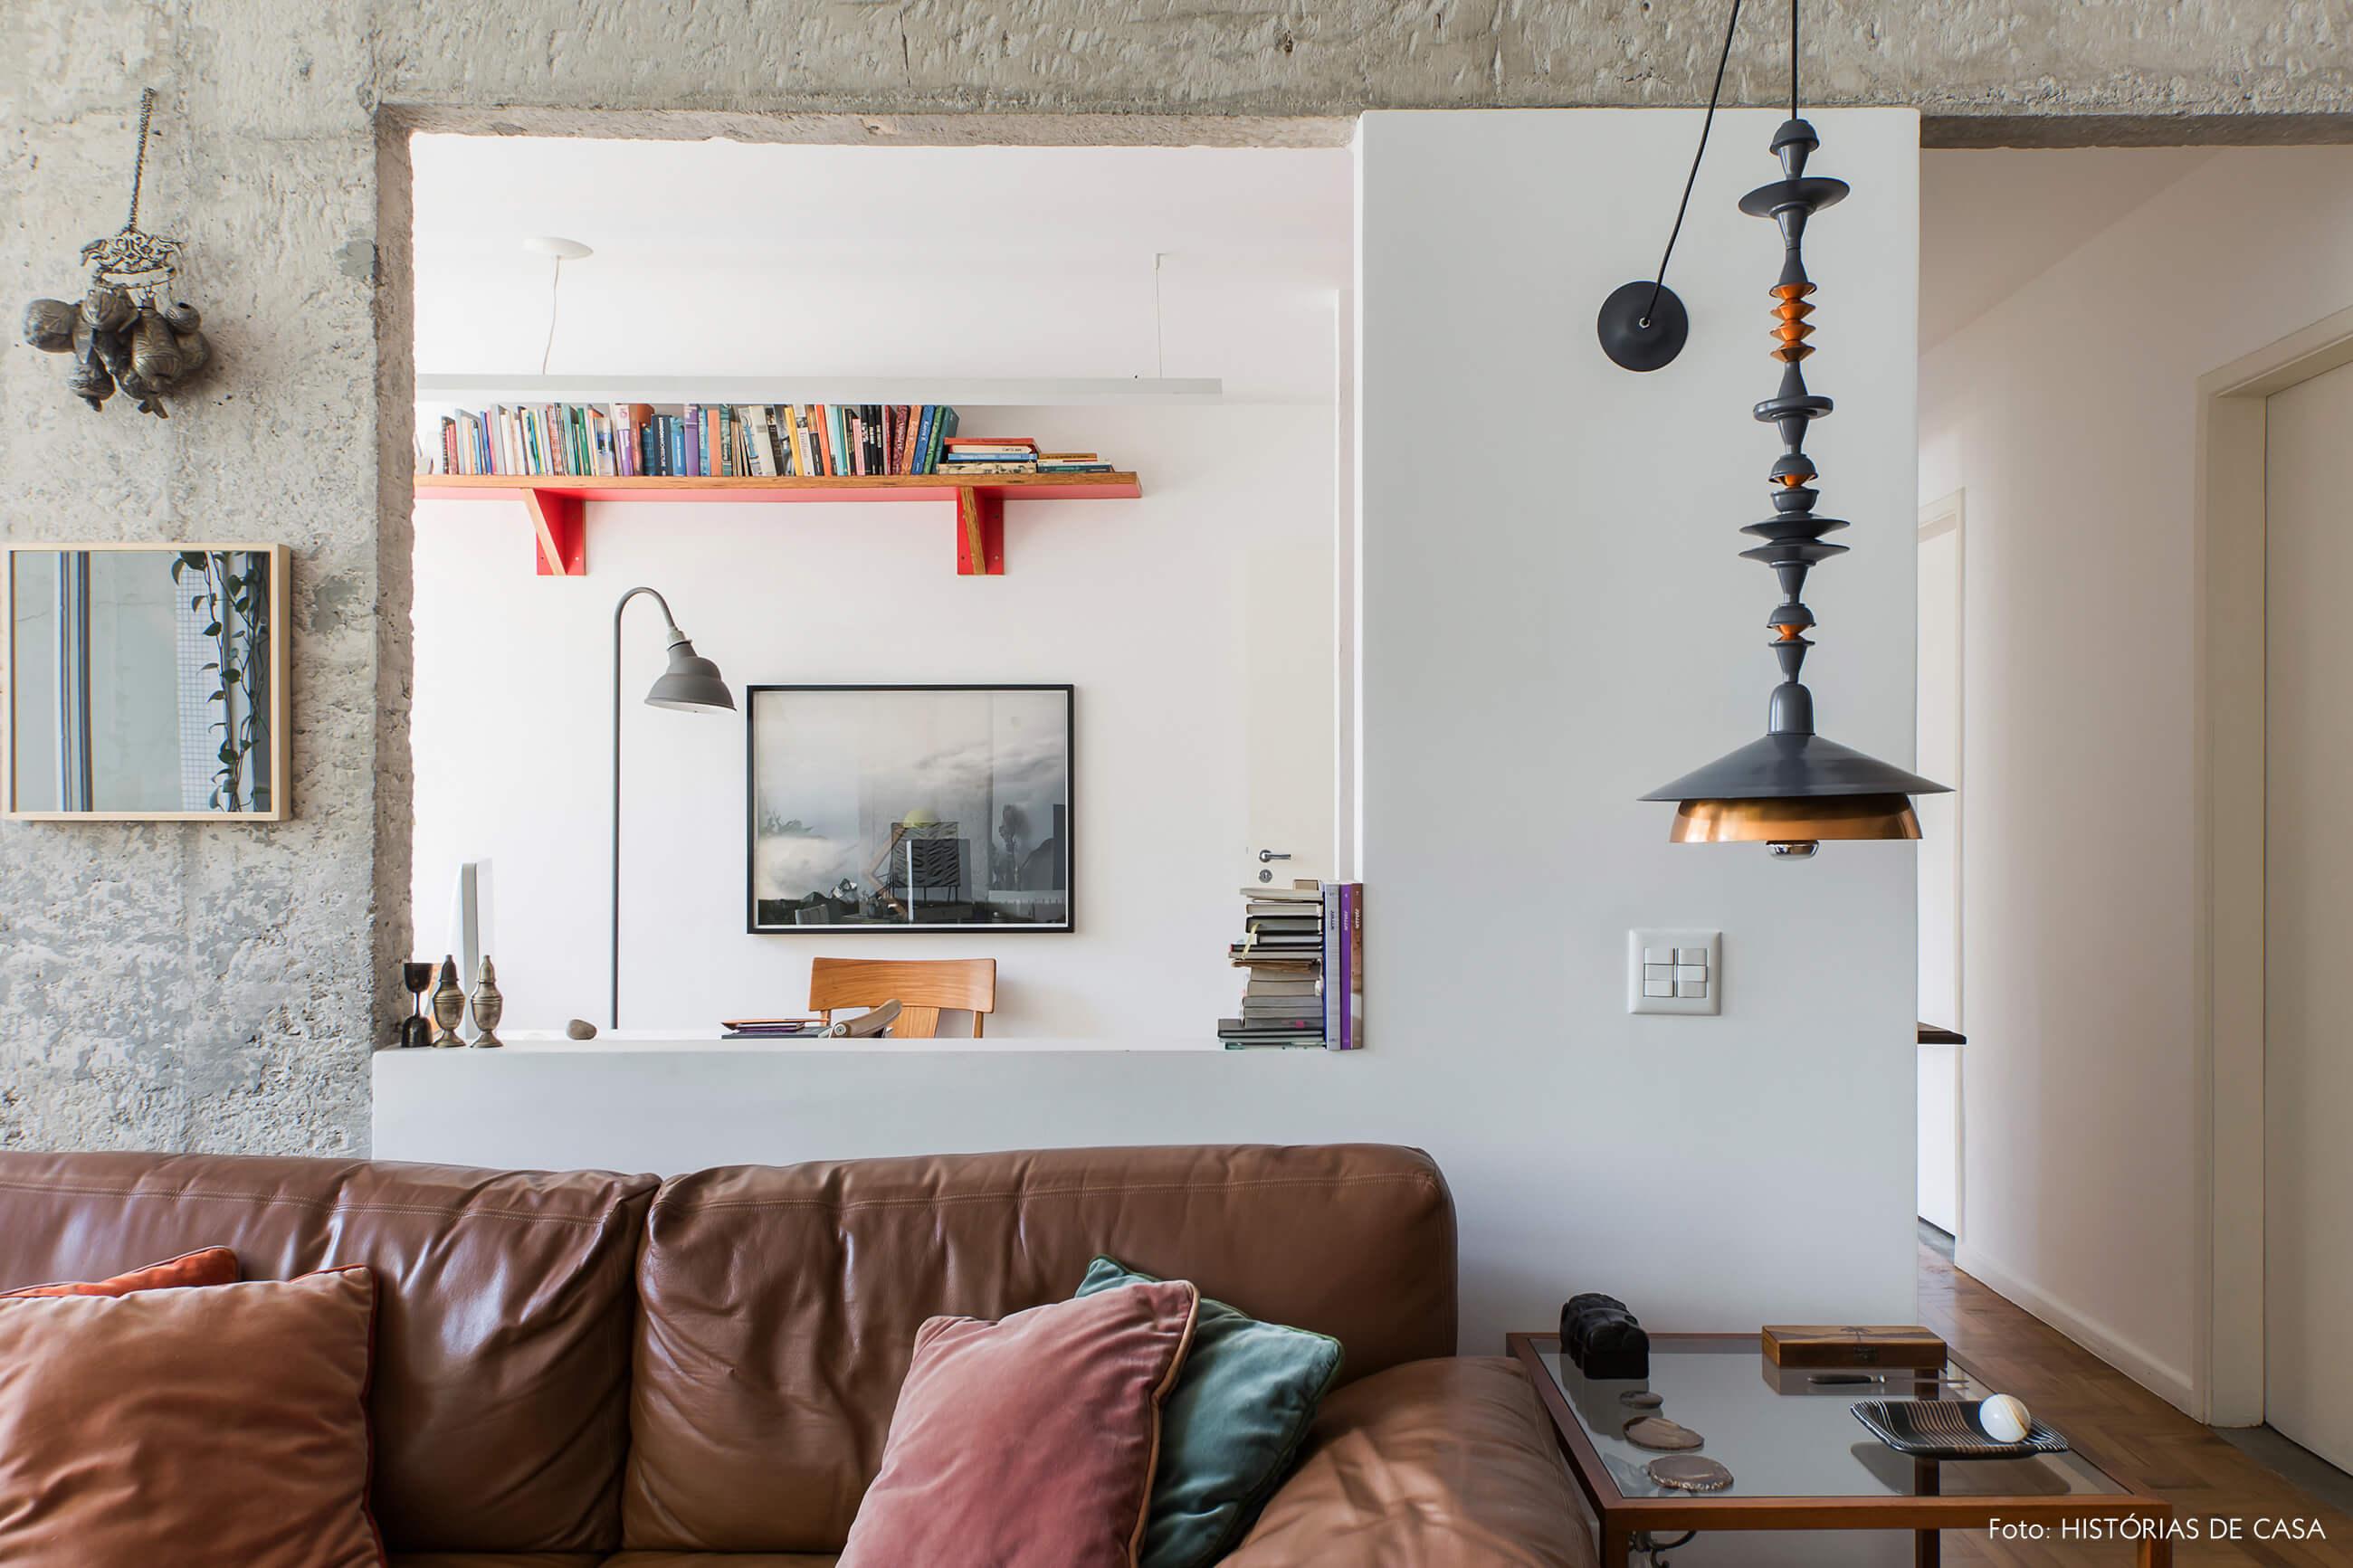 Sofá de couro marrom e abertura na parede com pilares de concreto